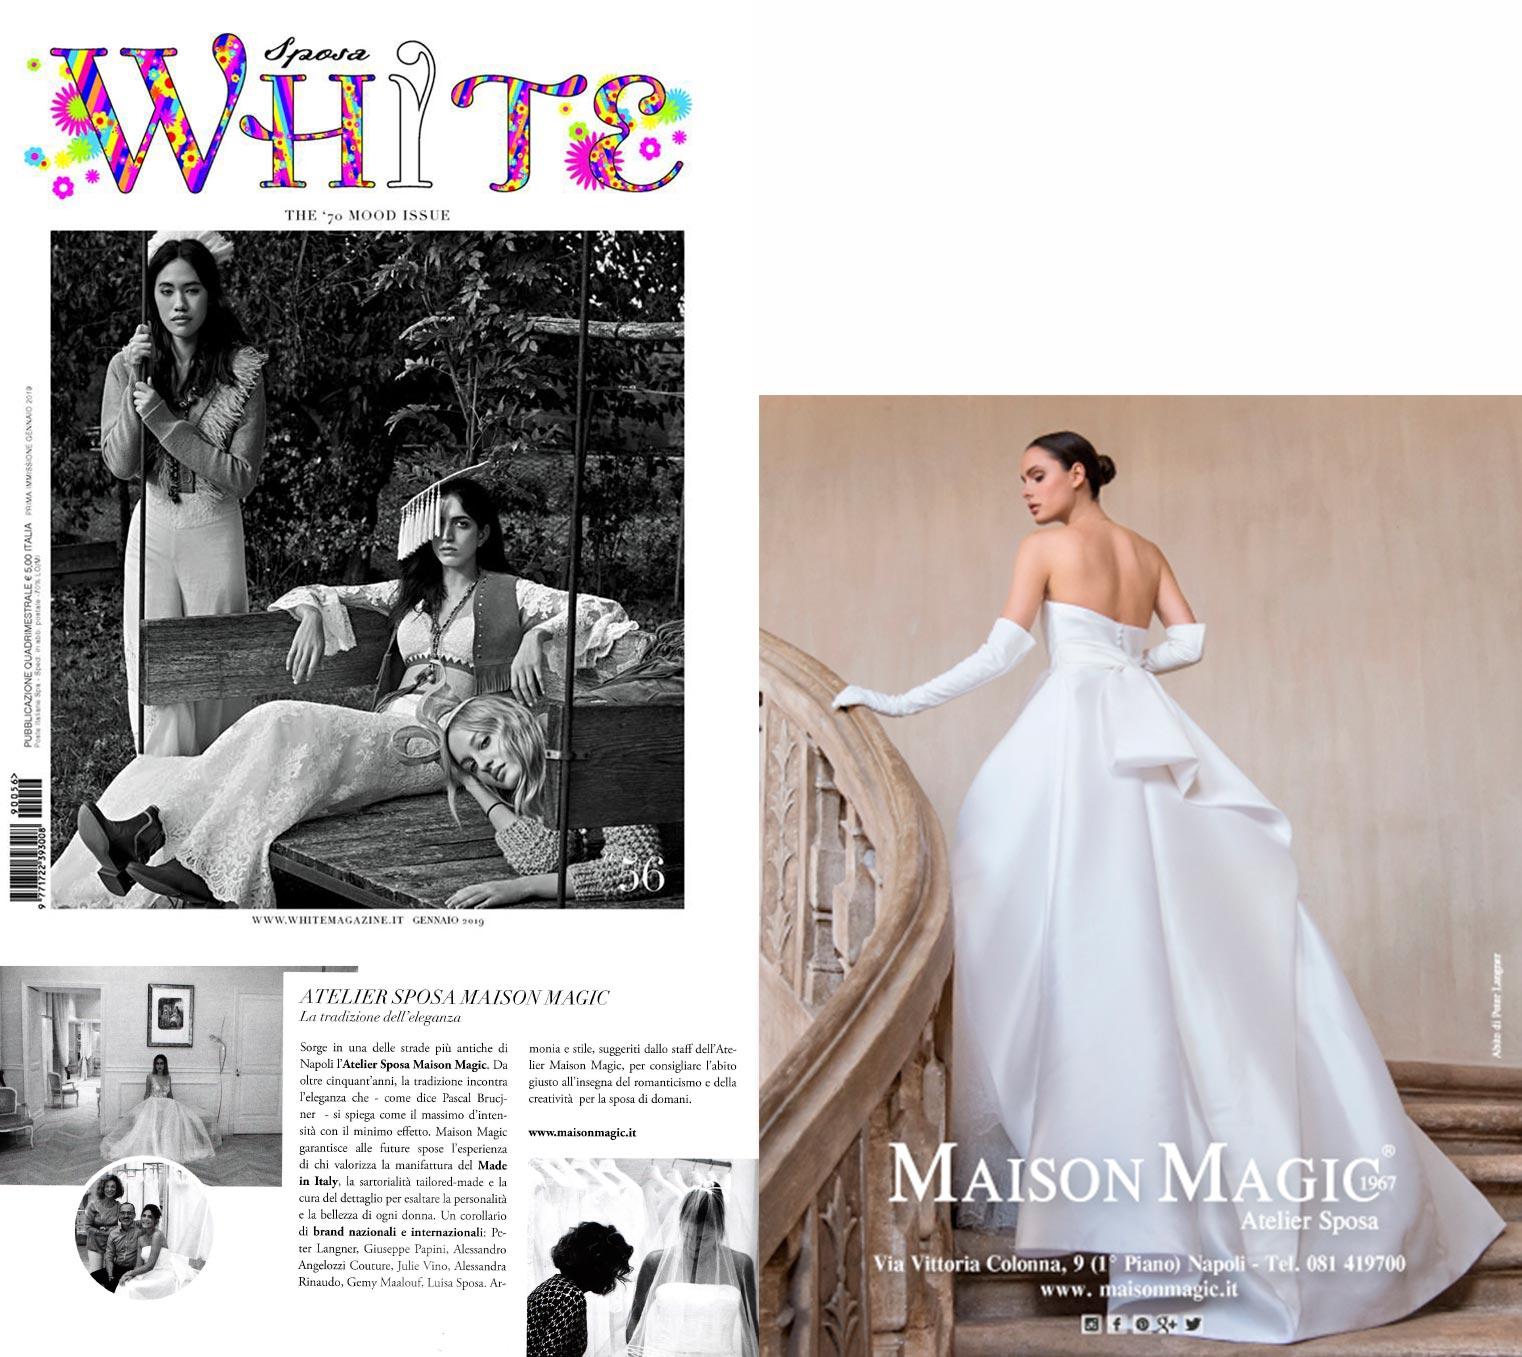 a3242c719996 Maison Magic Atelier Sposa sulle pagine di White Sposa - The  70 Mood issue   56 - MAISON MAGIC